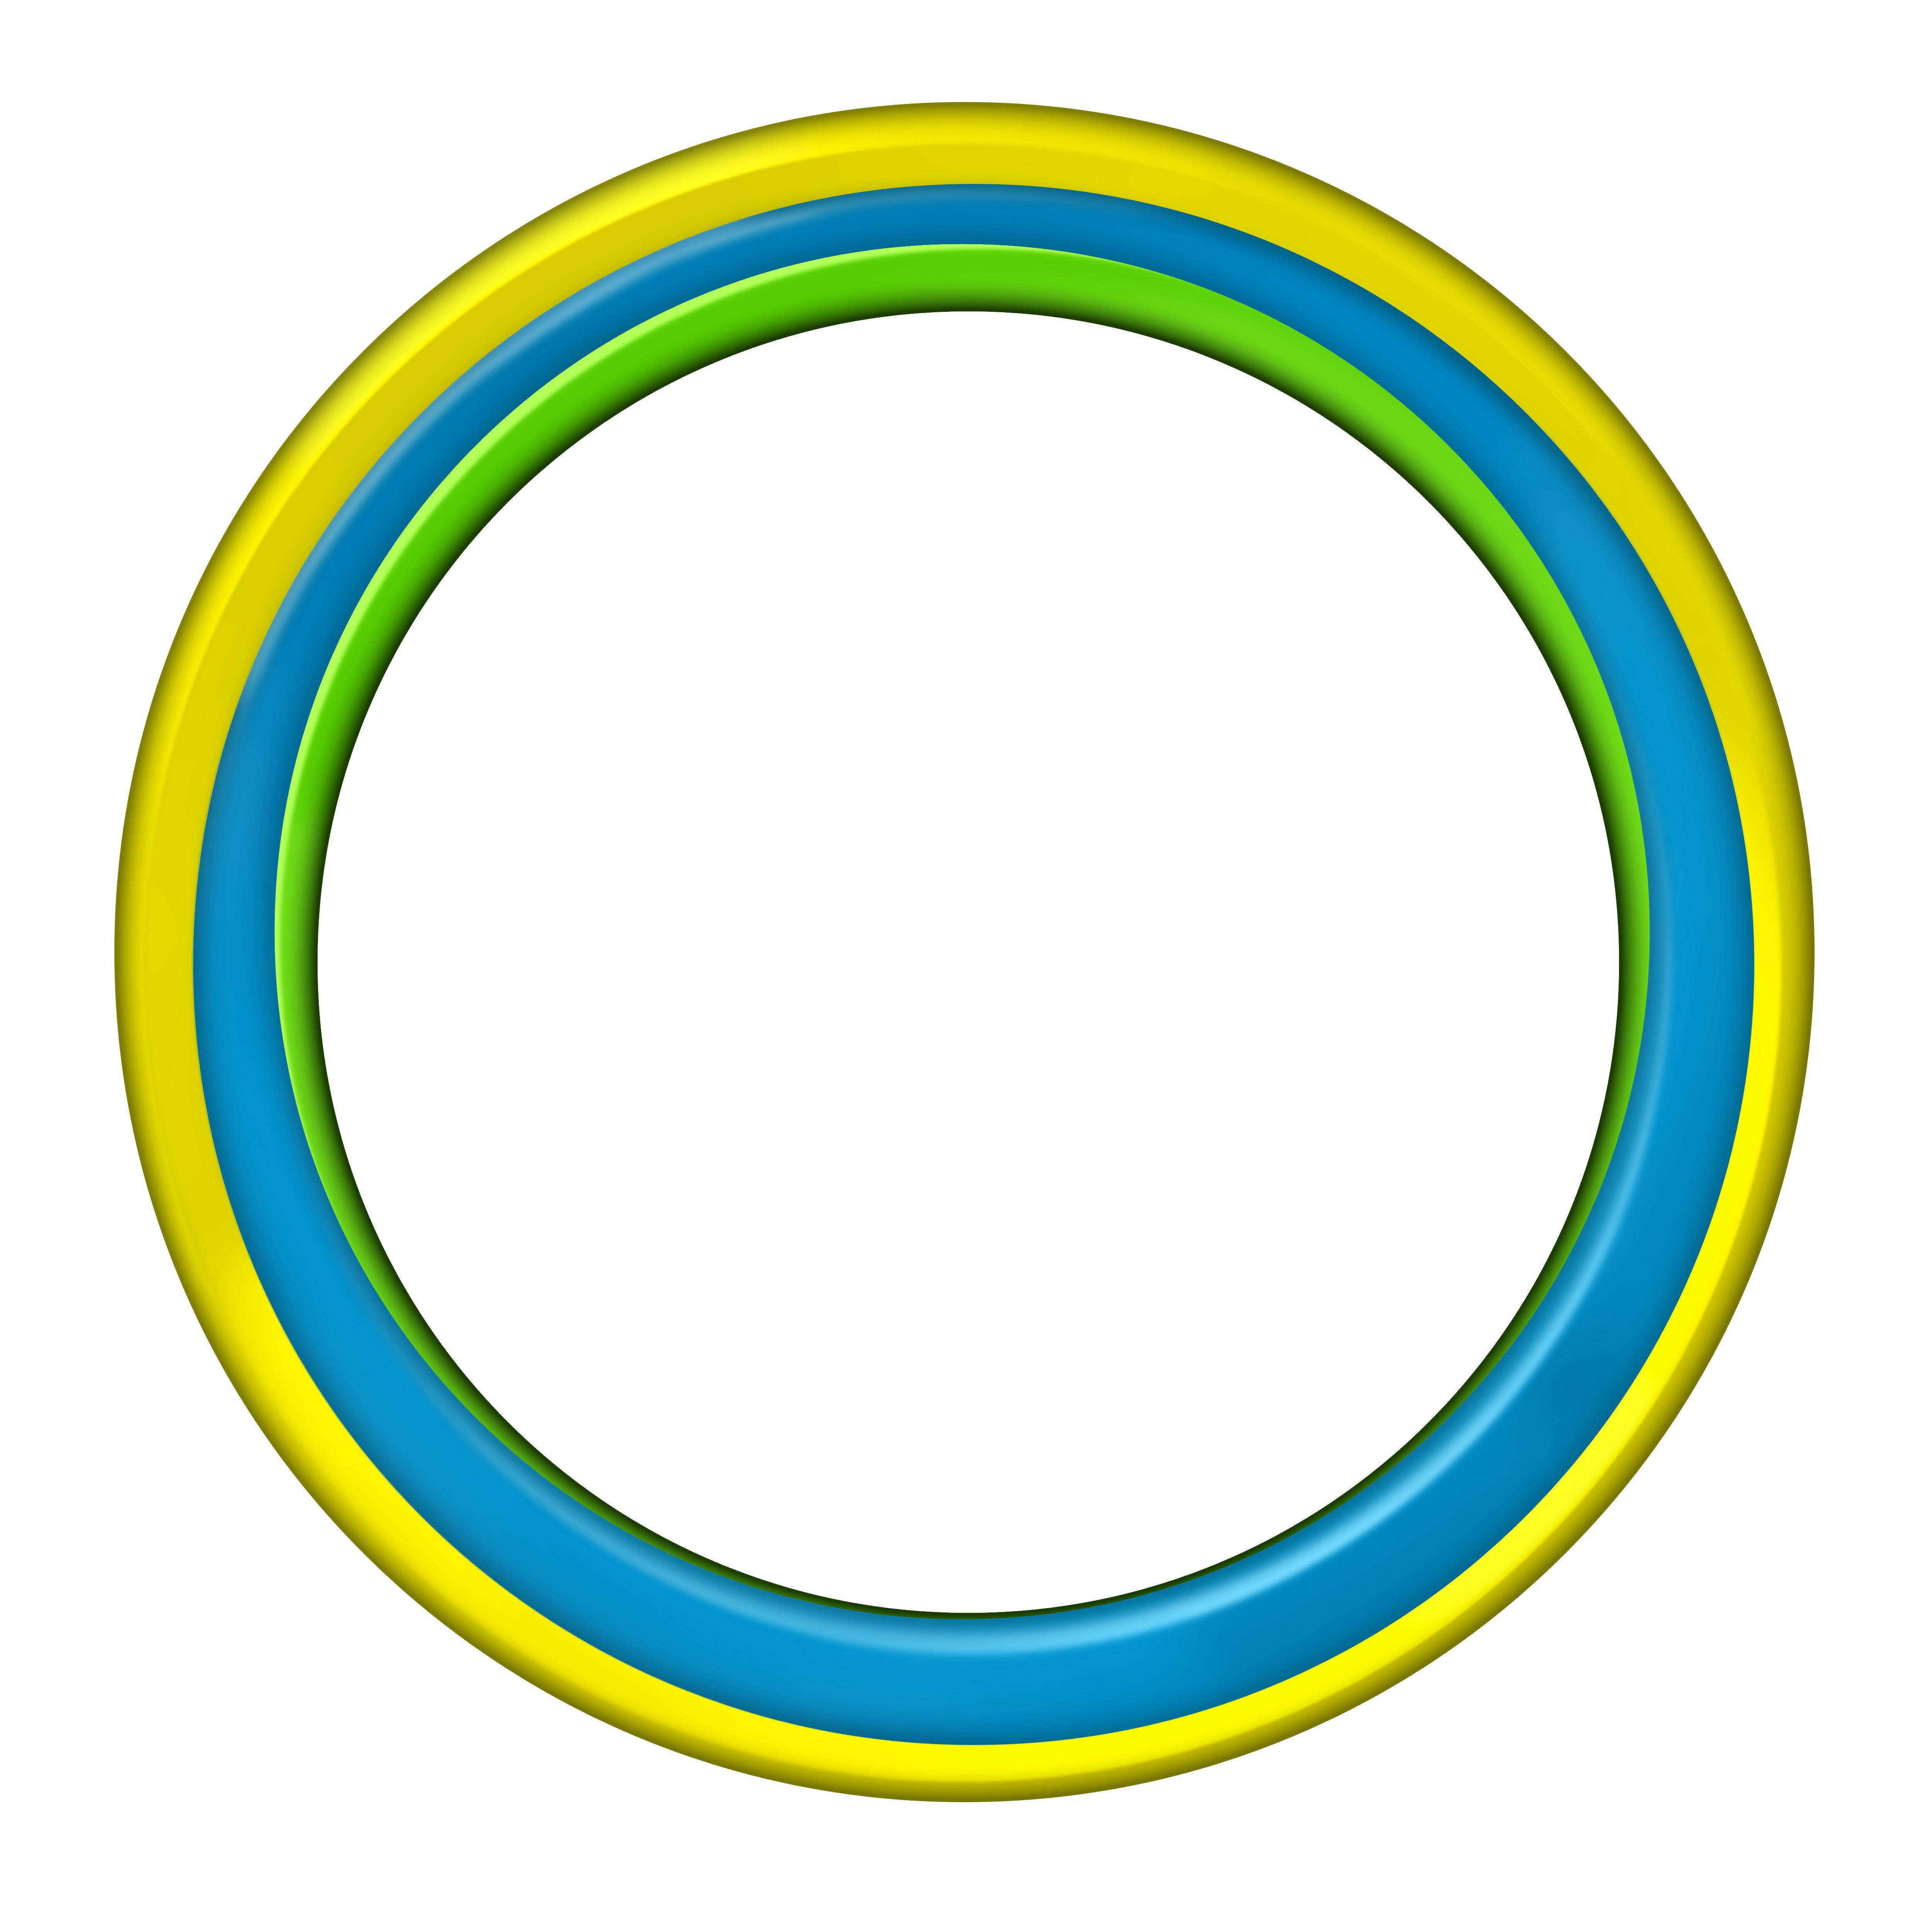 Скачать Овальные Рамки Для Фотошопа - alphafreeware: http://alphafreeware.weebly.com/blog/skachatj-ovaljnie-ramki-dlya-fotoshopa